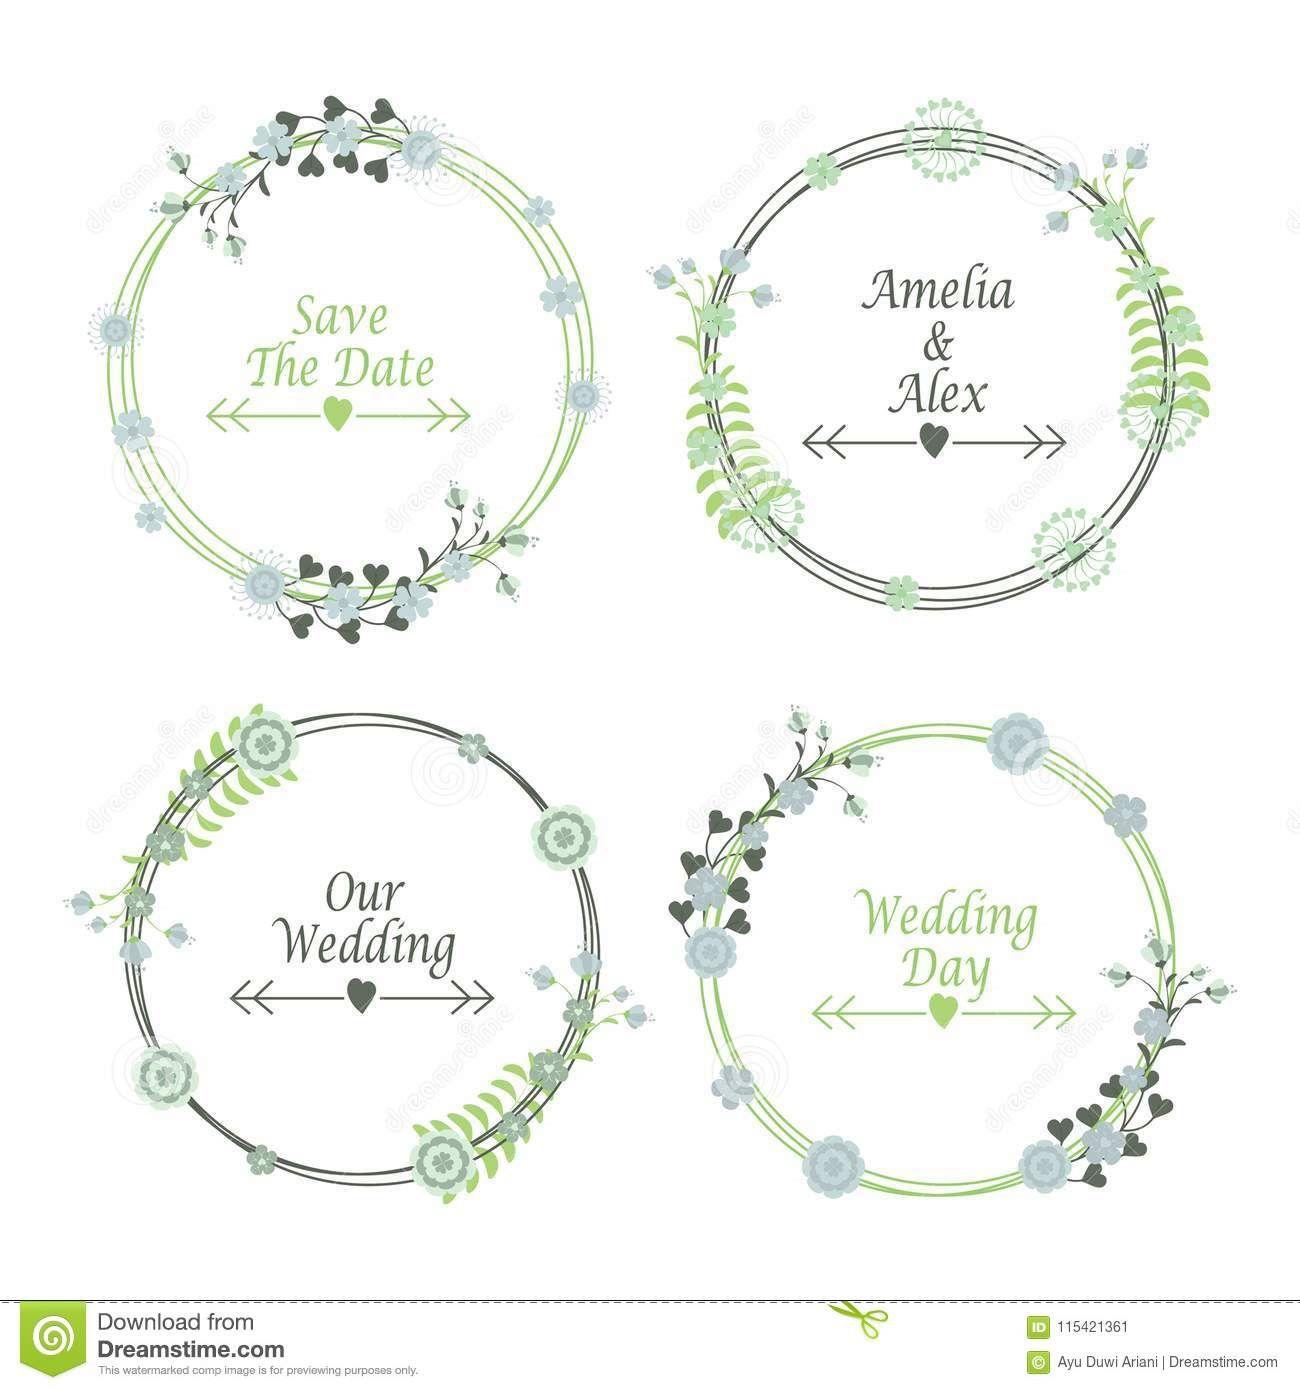 003 Excellent Wedding Addres Label Template Design  Free PrintableFull